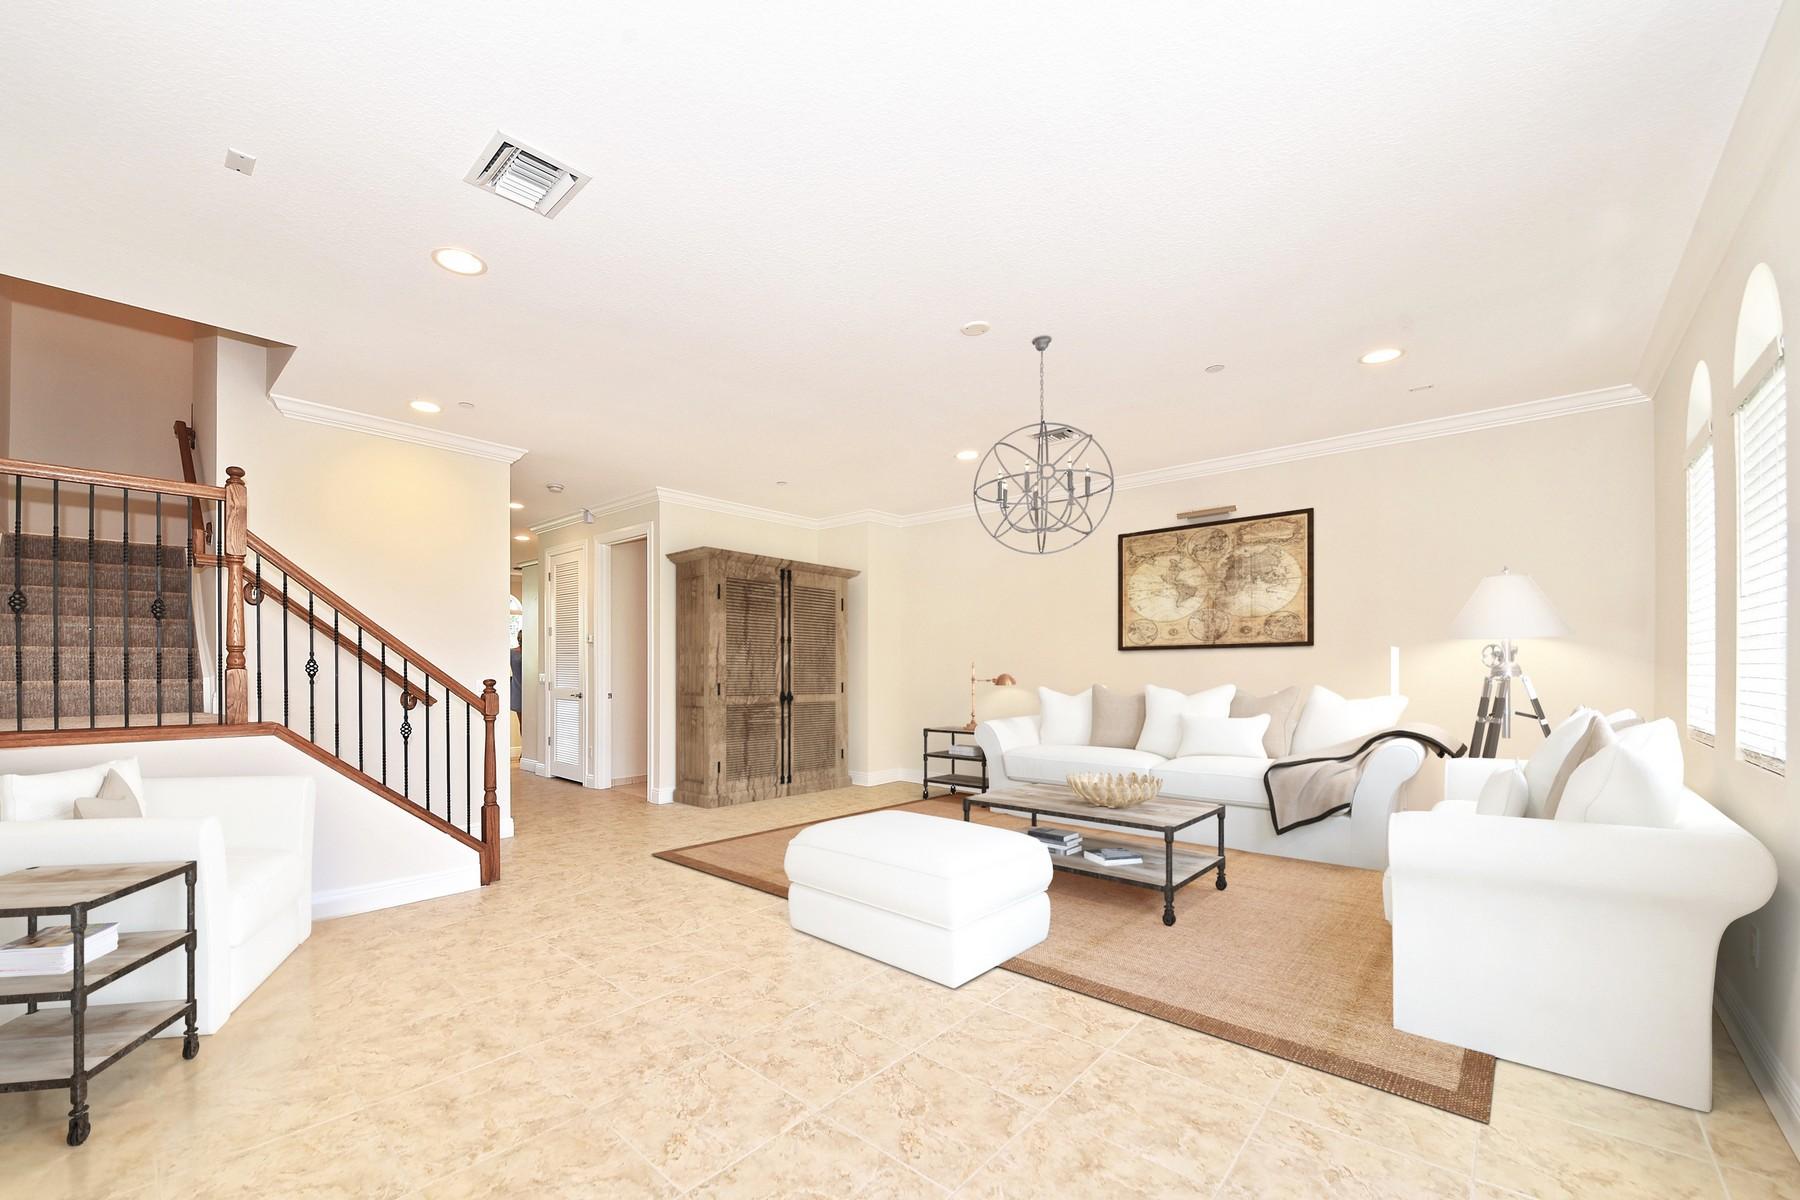 Таунхаус для того Продажа на 814 Virginia Garden Dr , Boynton Beach, FL 33435 814 Virginia Garden Dr Boynton Beach, Флорида, 33435 Соединенные Штаты